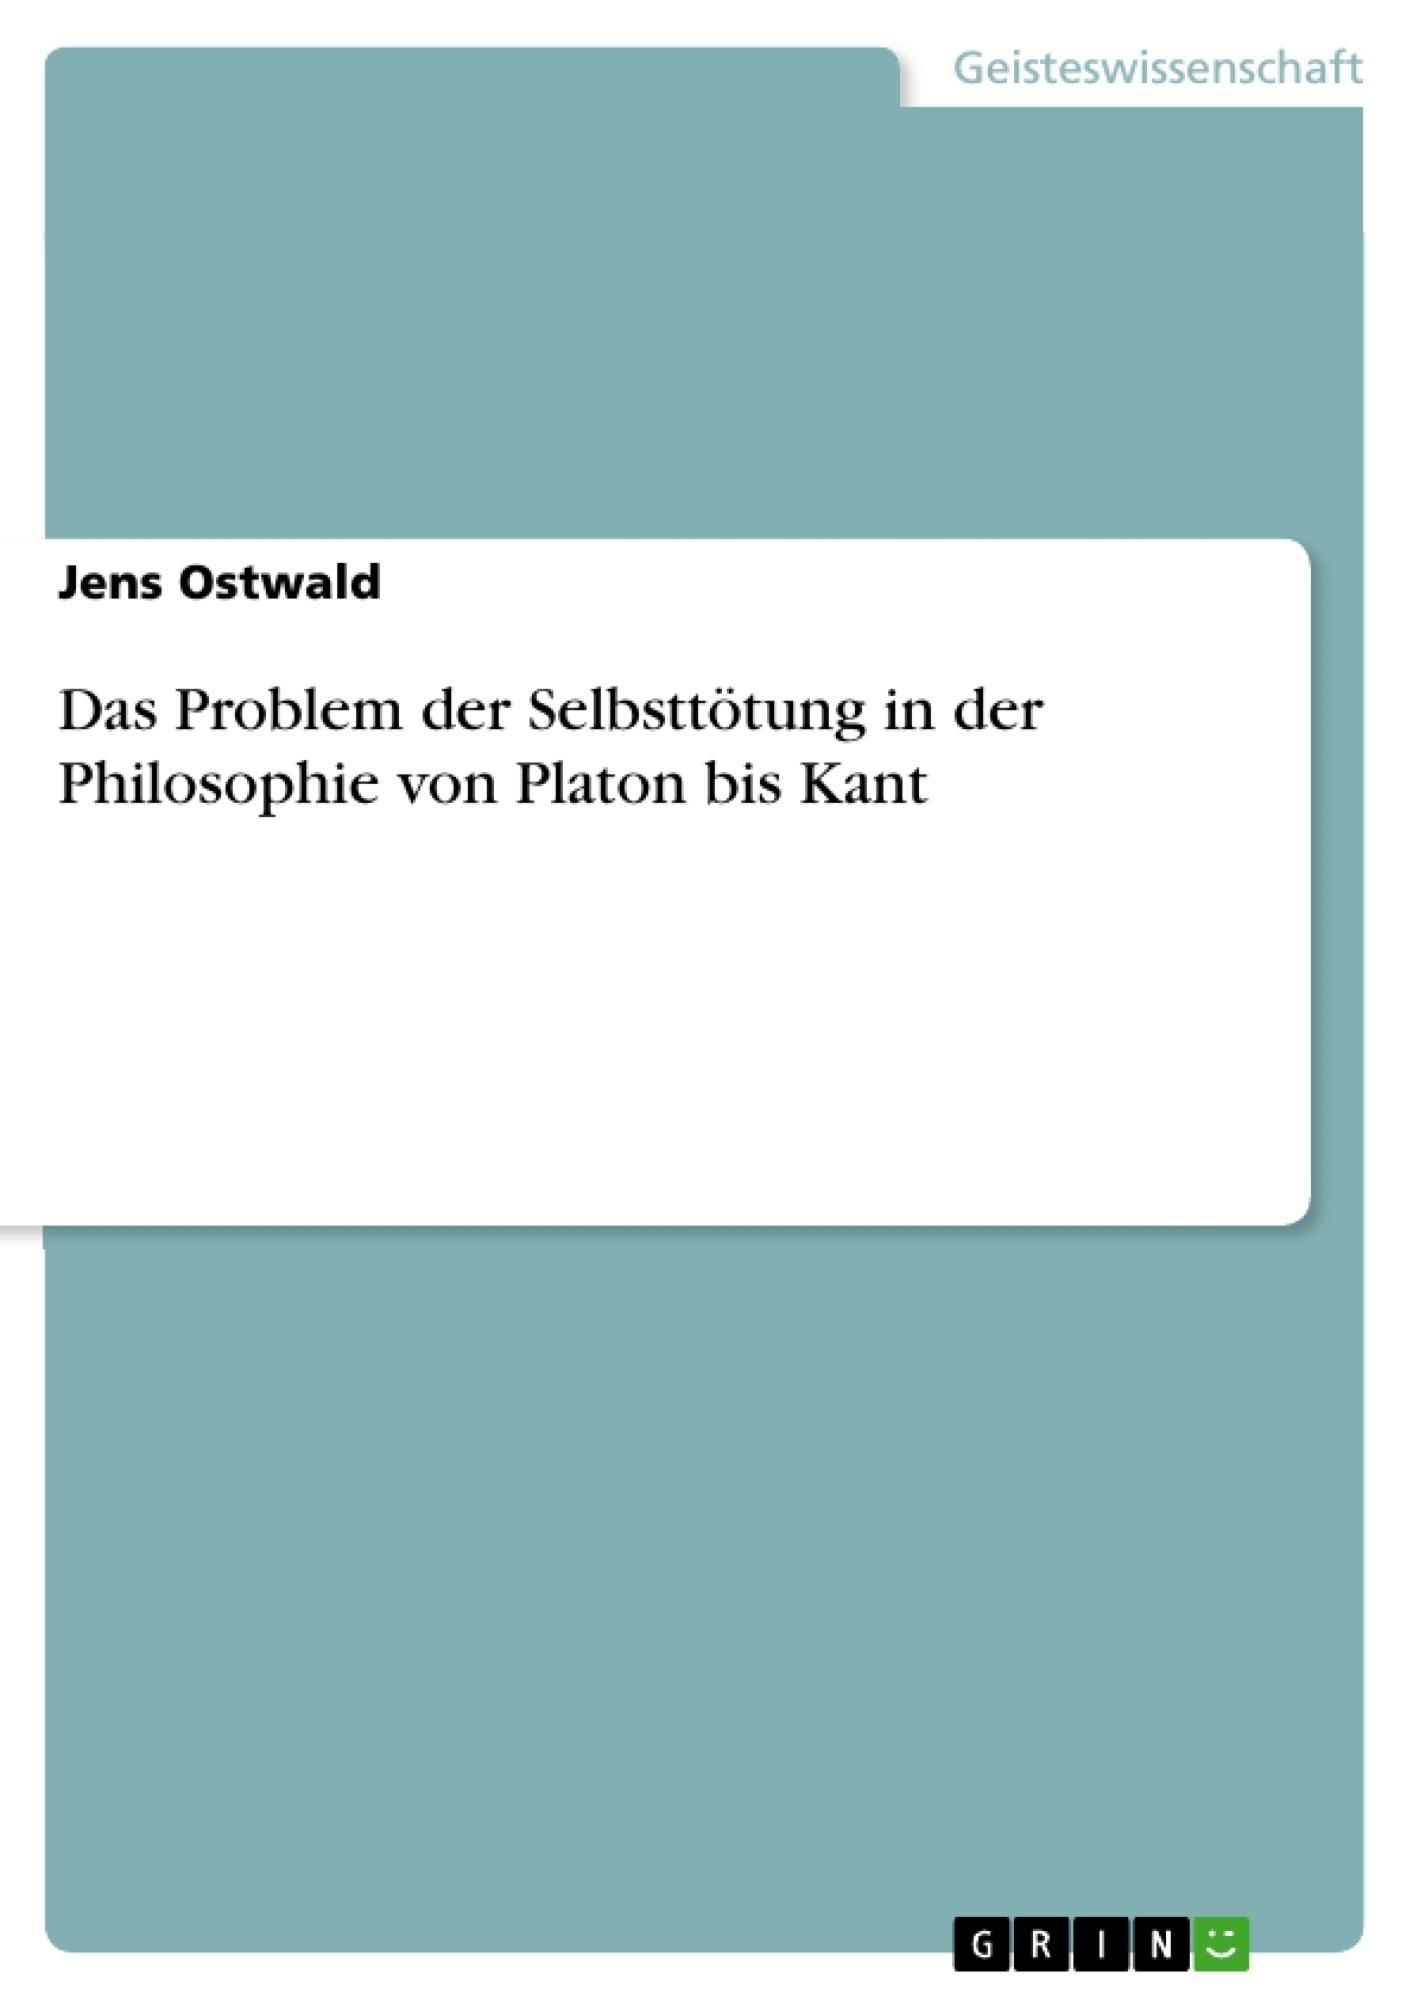 Titel: Das Problem der Selbsttötung in der Philosophie von Platon bis Kant